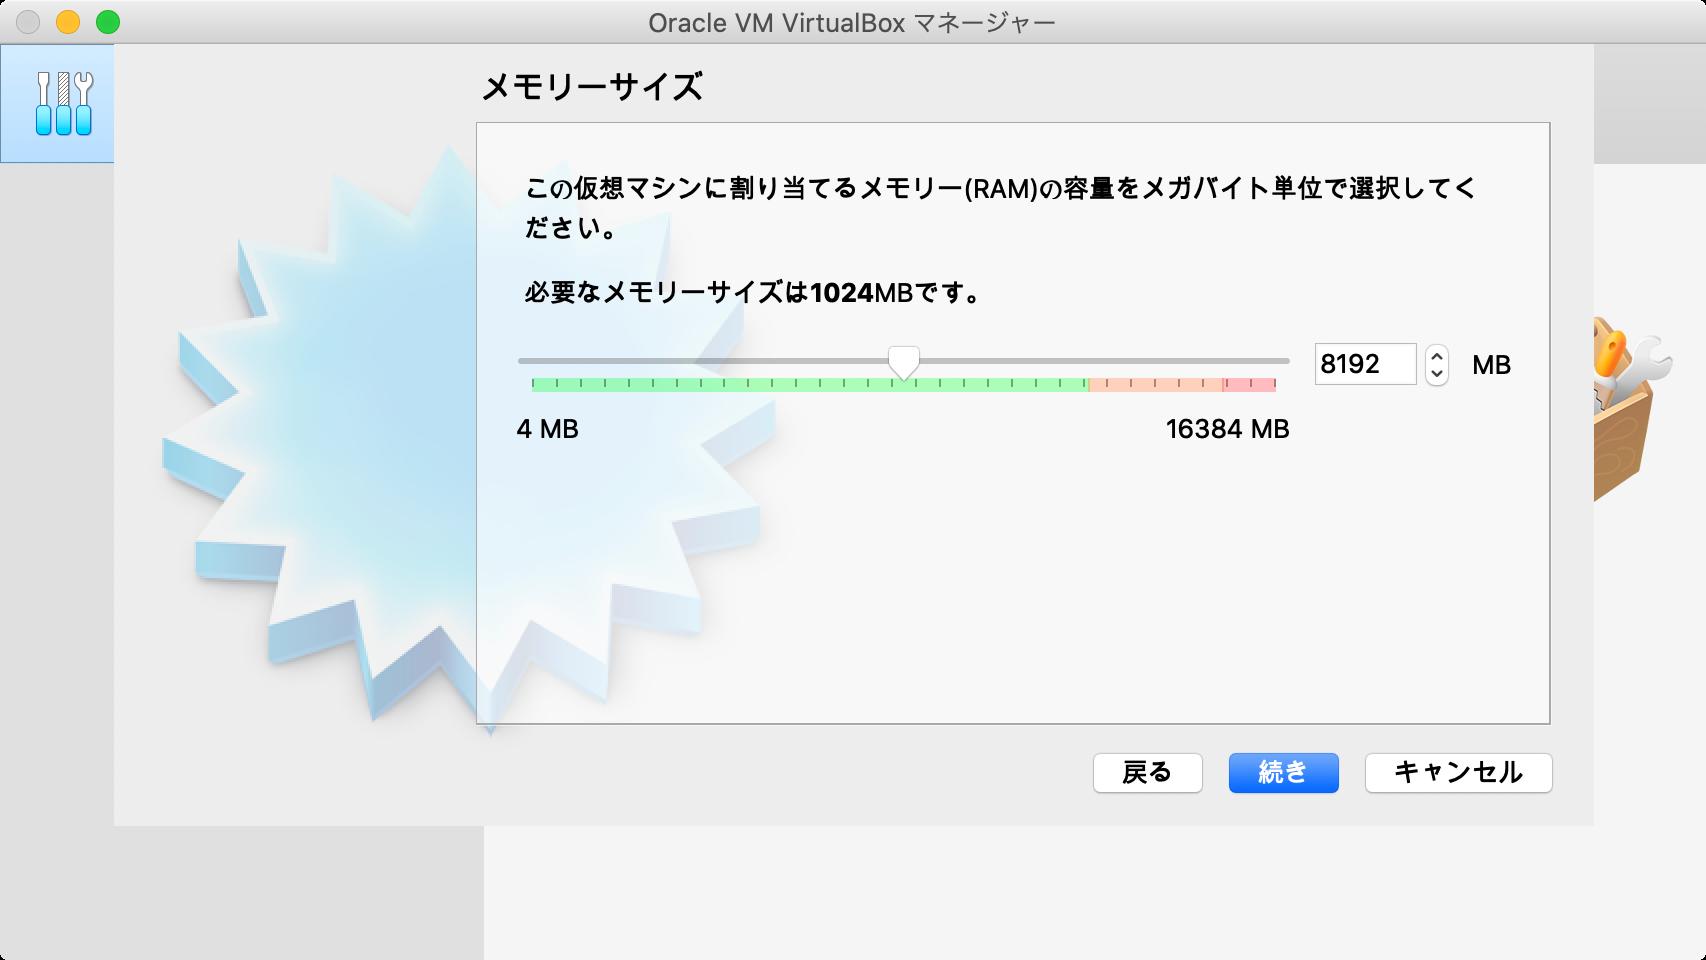 スクリーンショット 2020-09-14 18.01.50.png